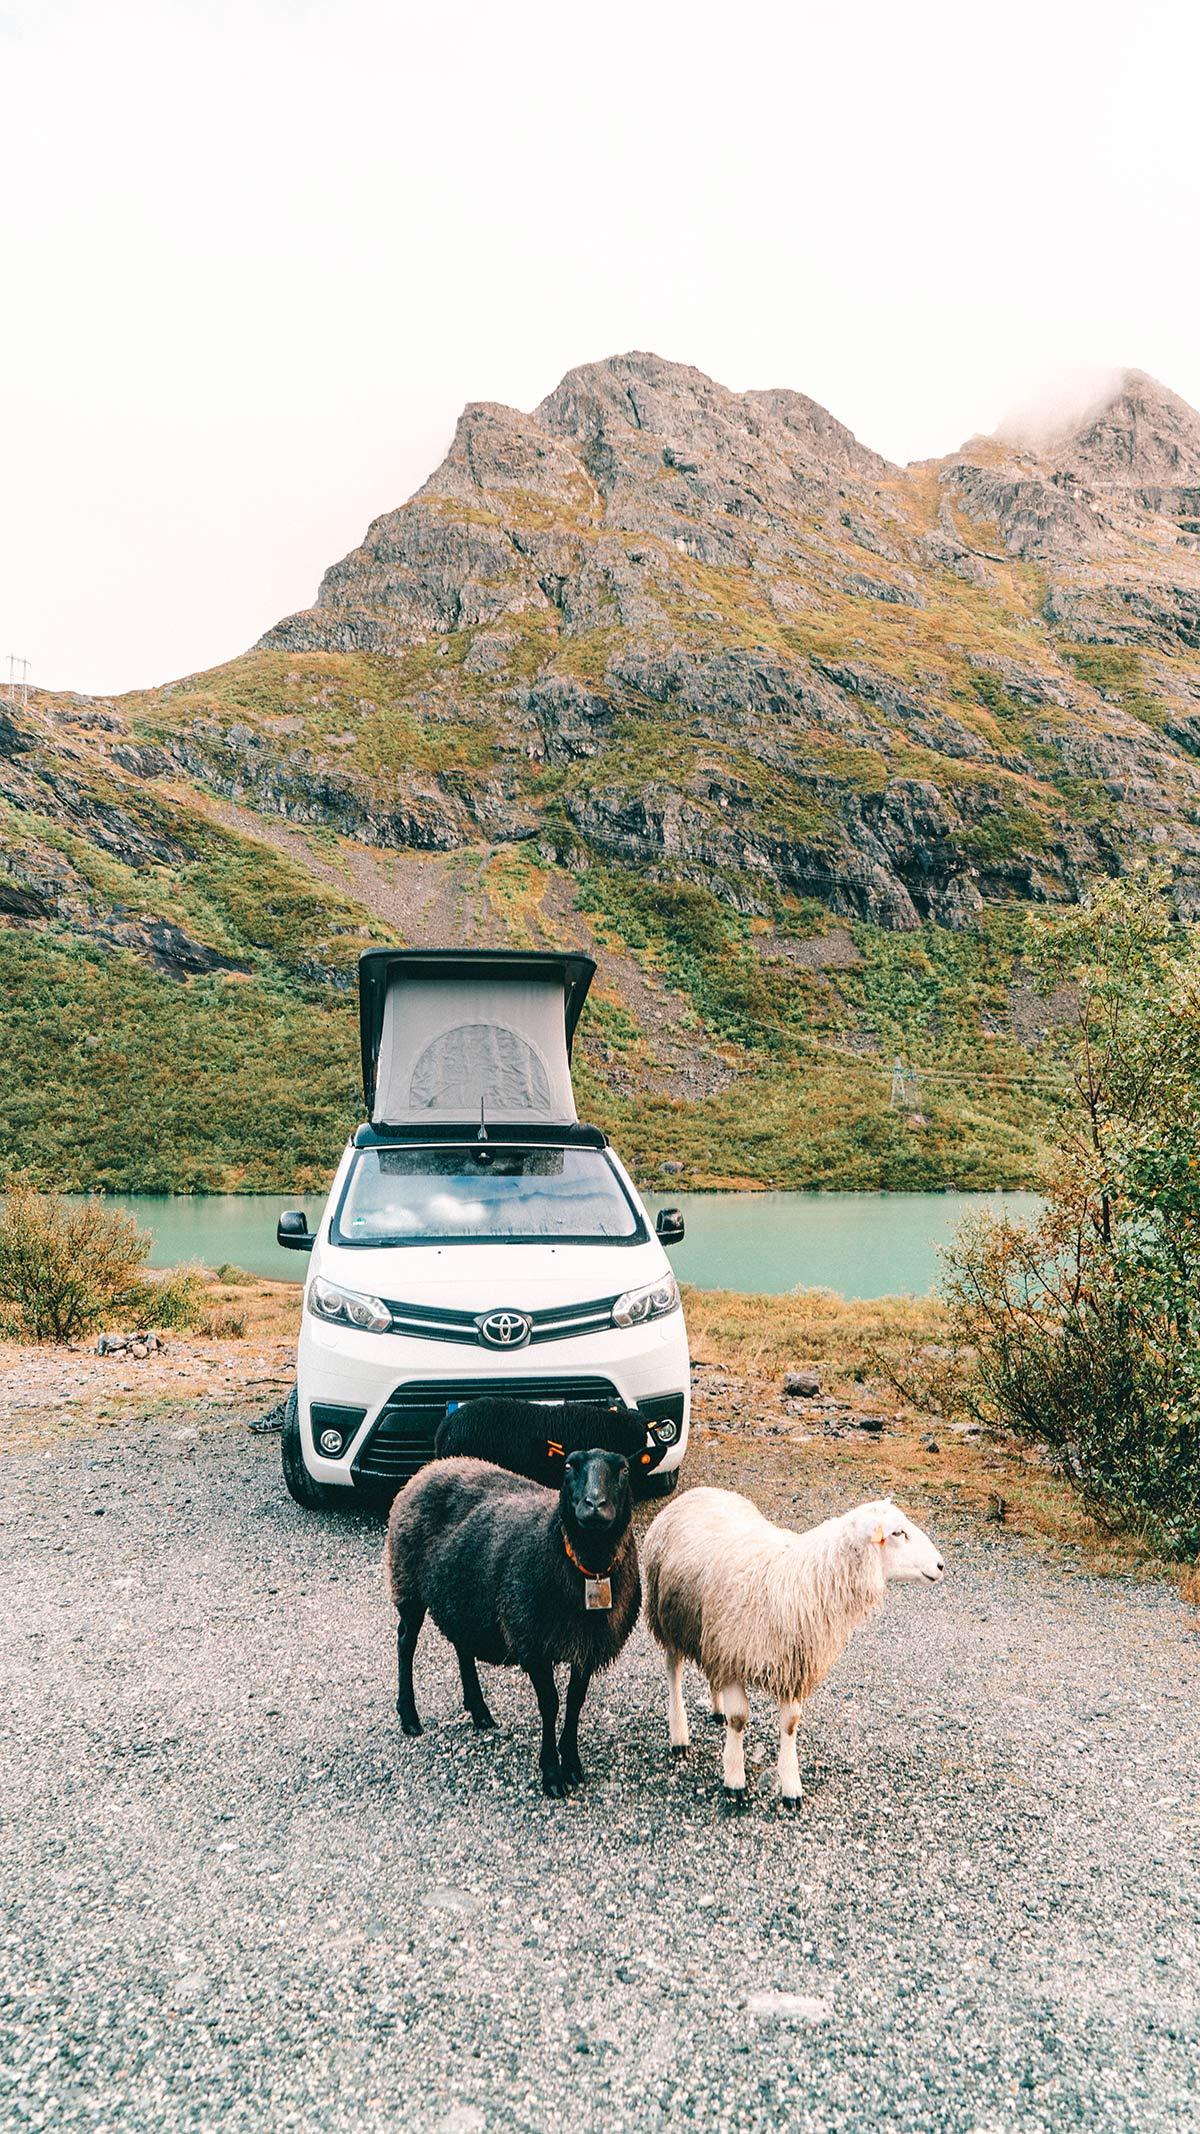 Schafe vor dem Campervan